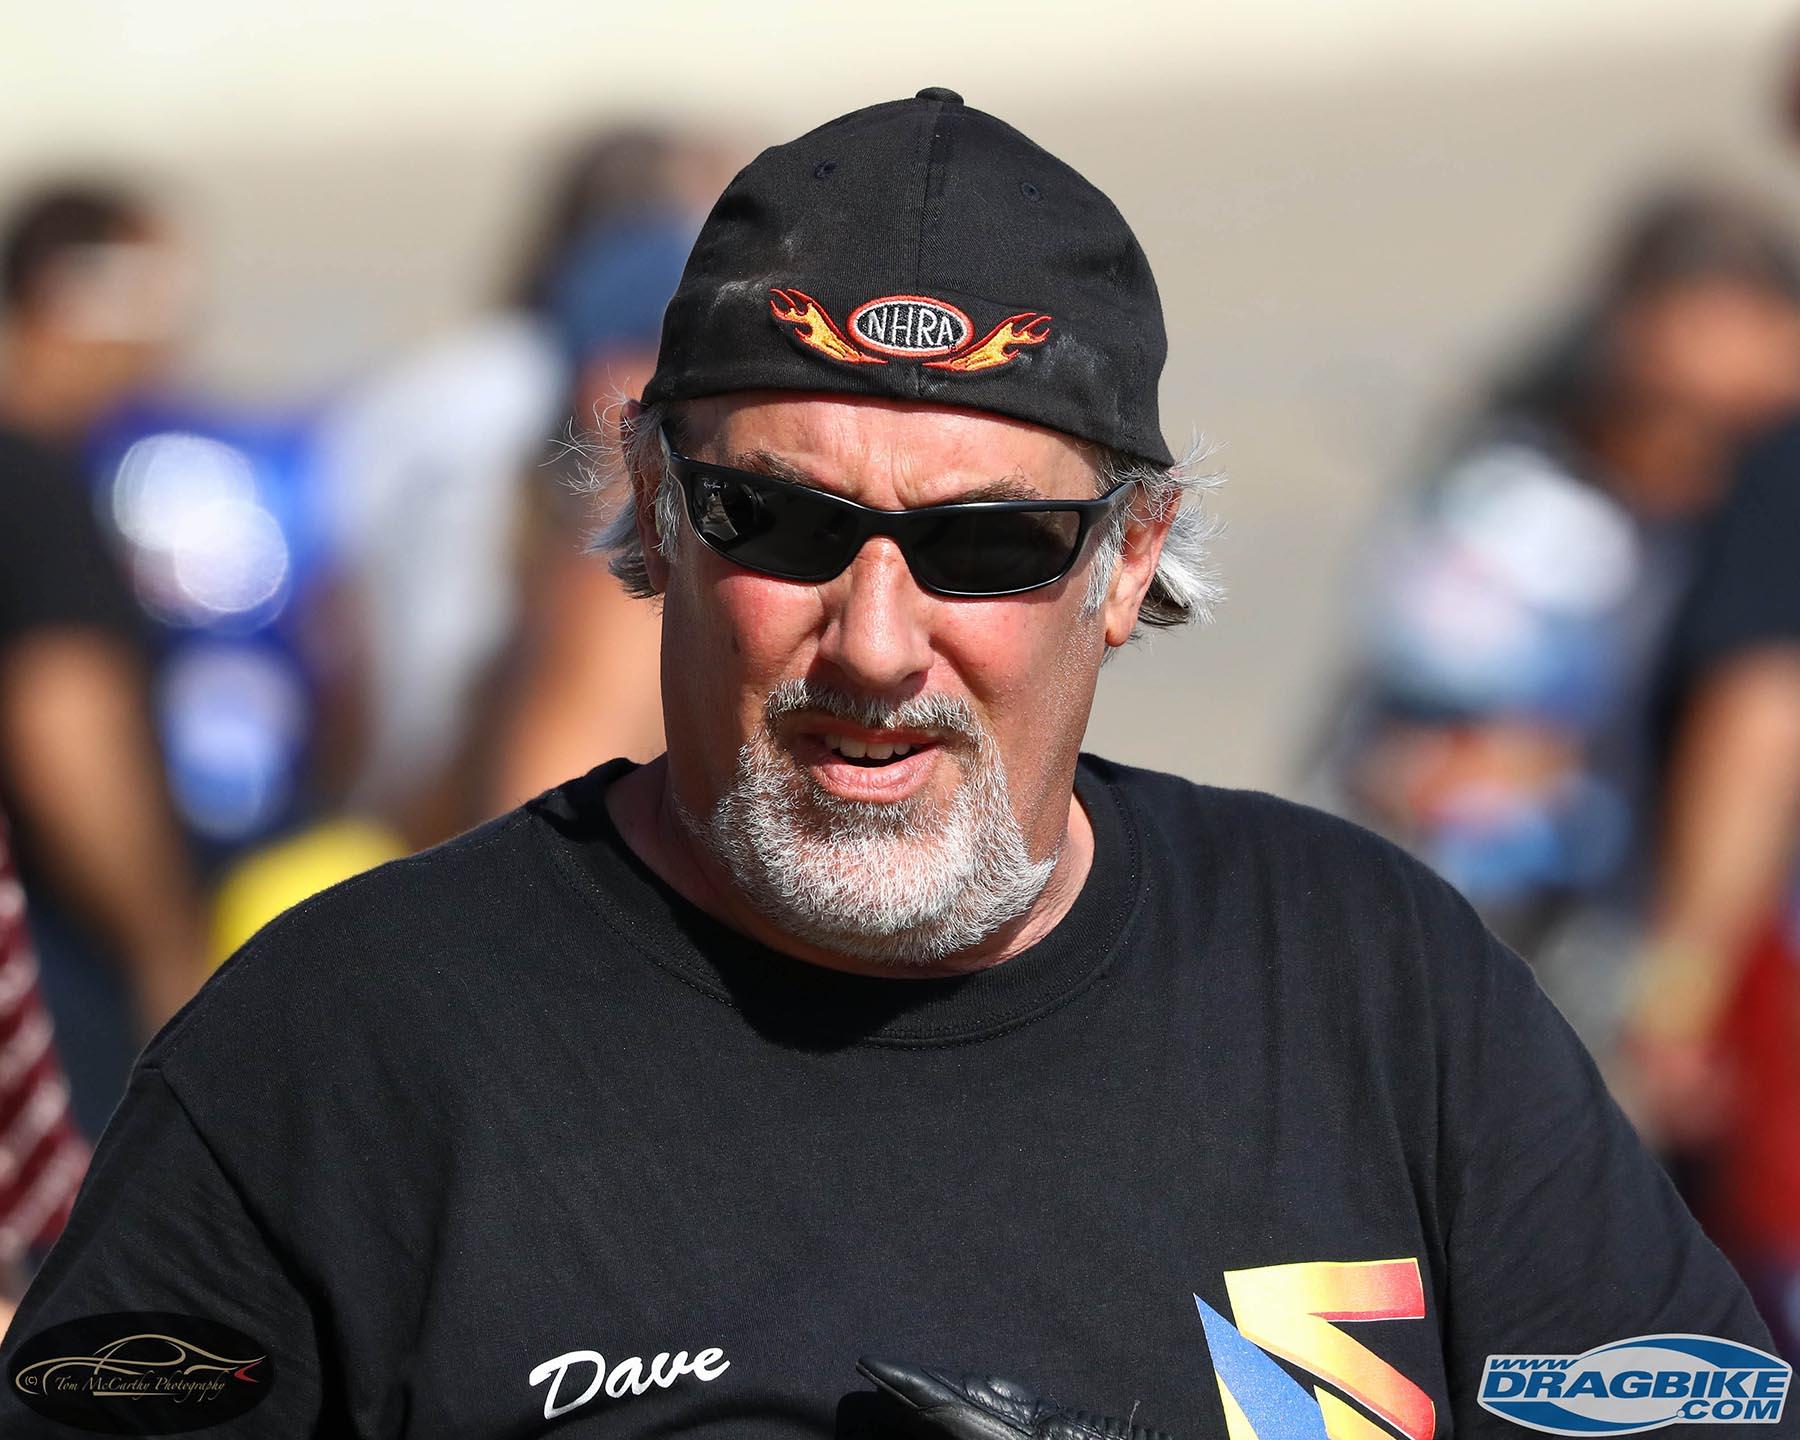 Top Fuel Motorcycle - Dave Vantine